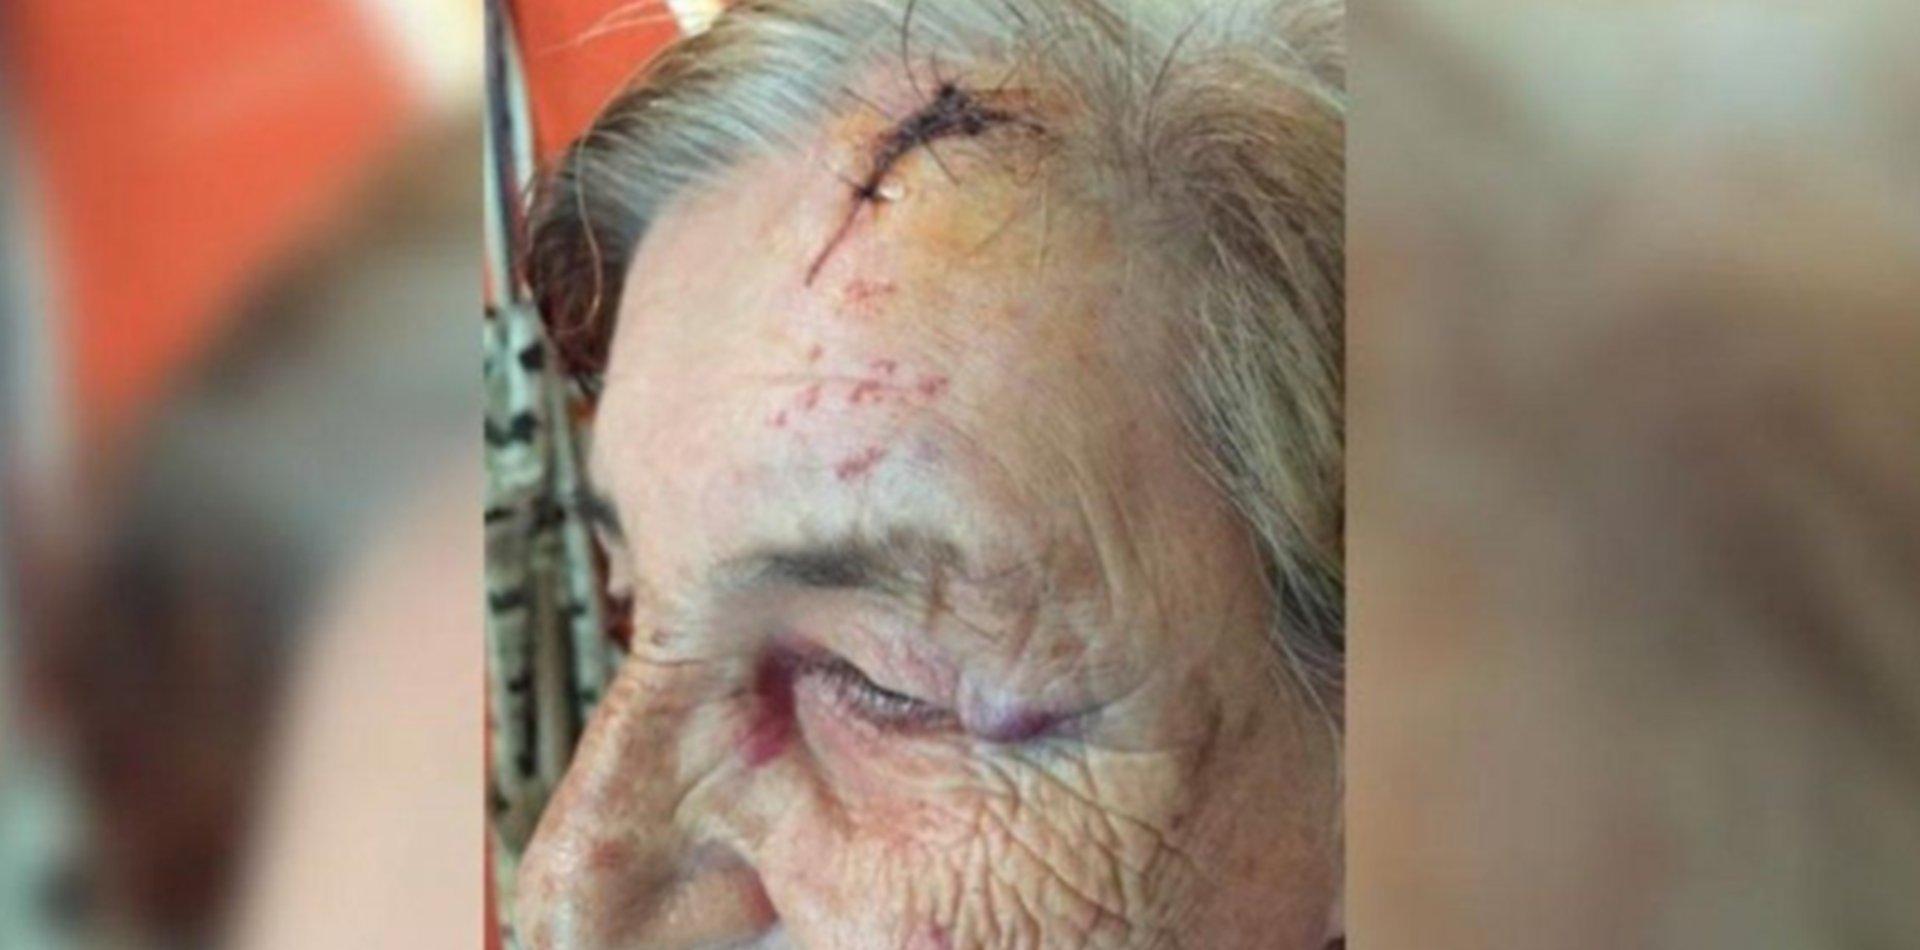 Dos abuelos fueron atacados brutalmente por su nieto y los tiene amenazados de muerte